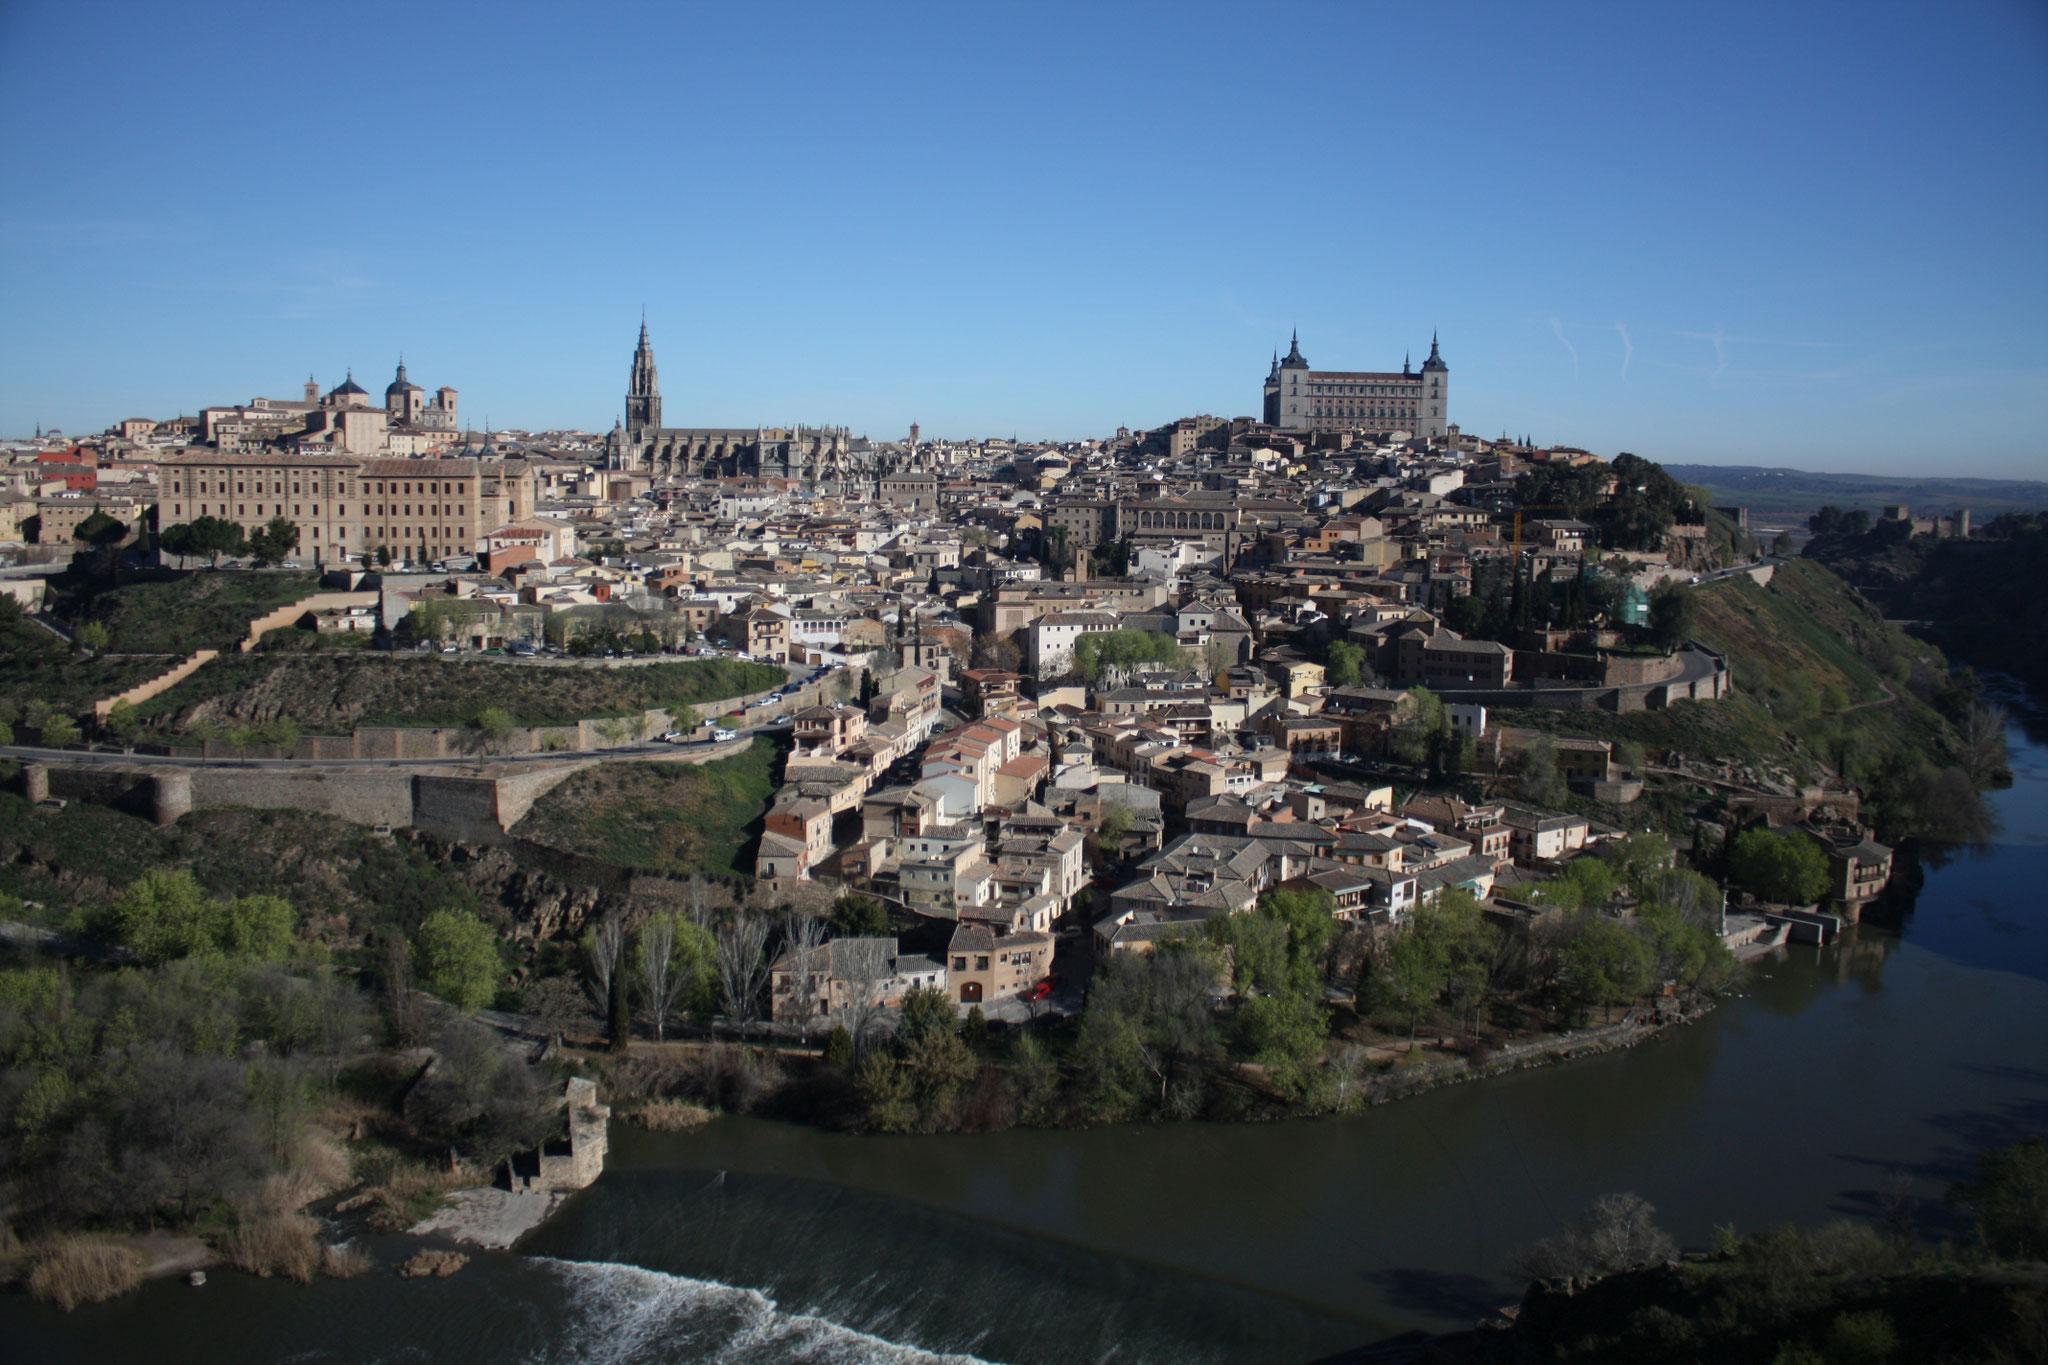 Сокровища Испании и Португалии. 1270 евро в мини-группе из 5 человек.